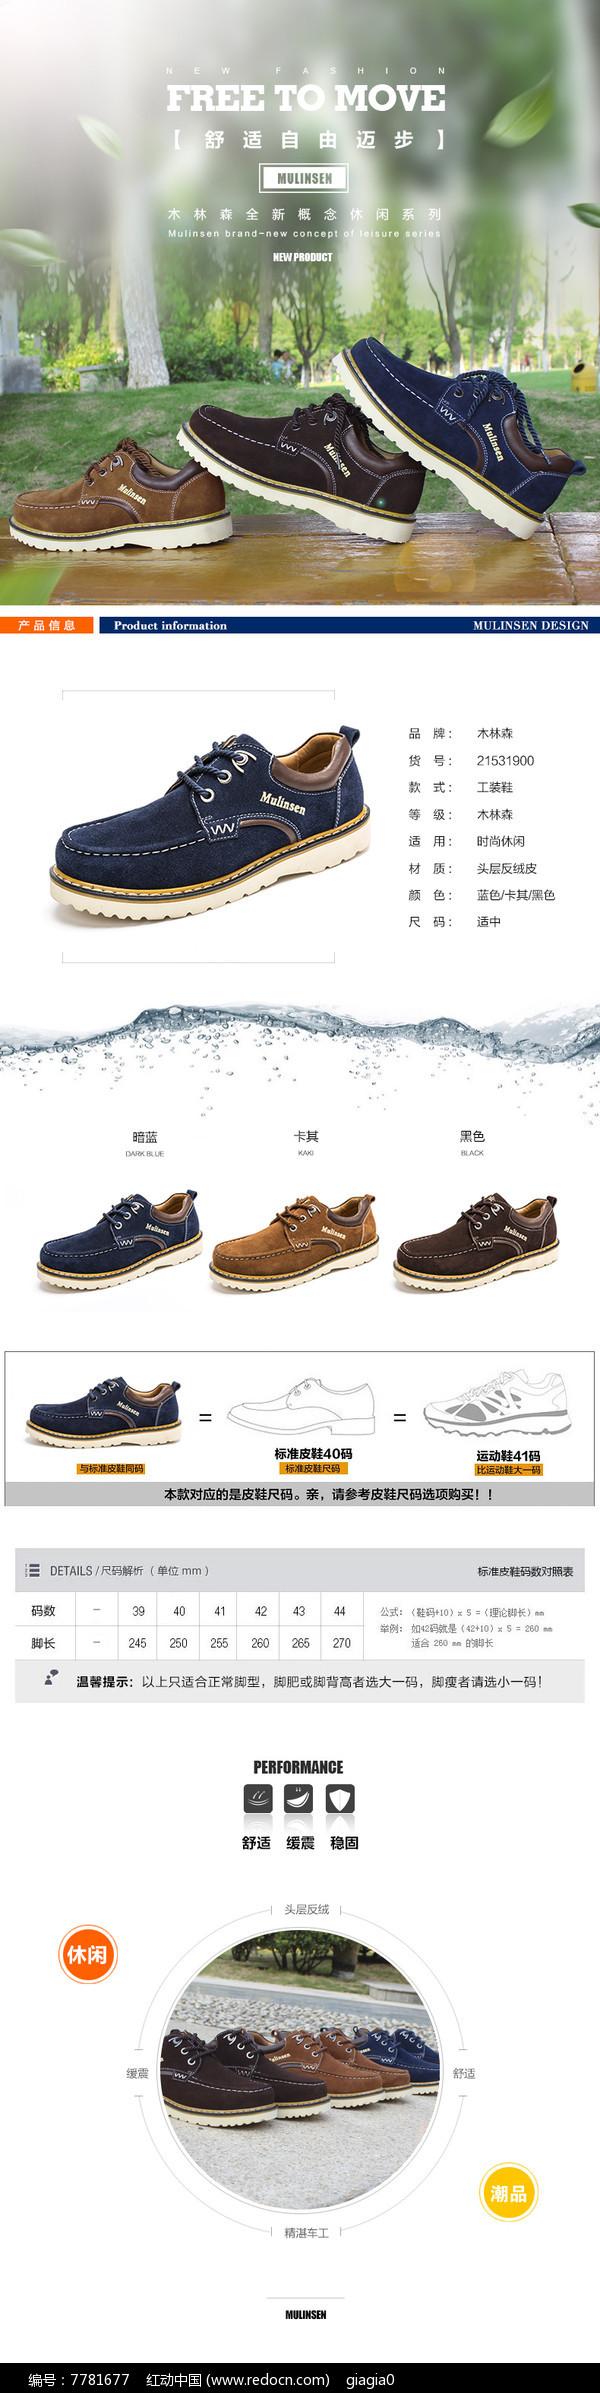 透气网鞋详情模板